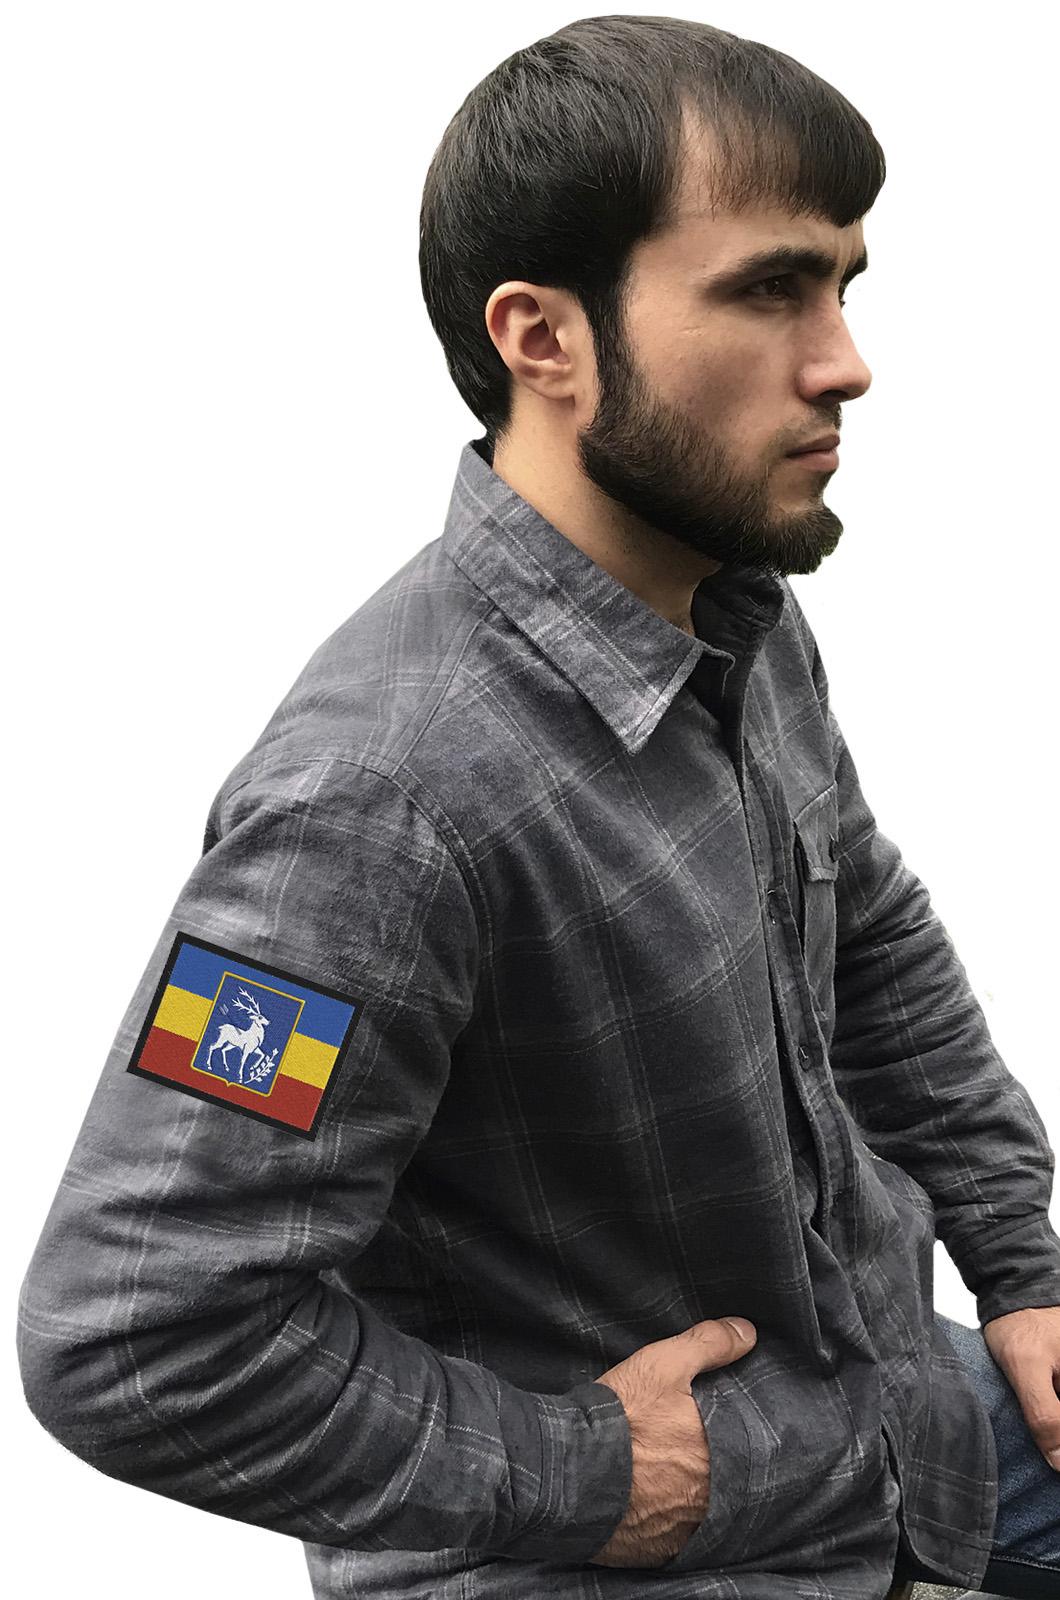 Строгая рубашка с вышитым казачьим шевроном Елень - купить оптом